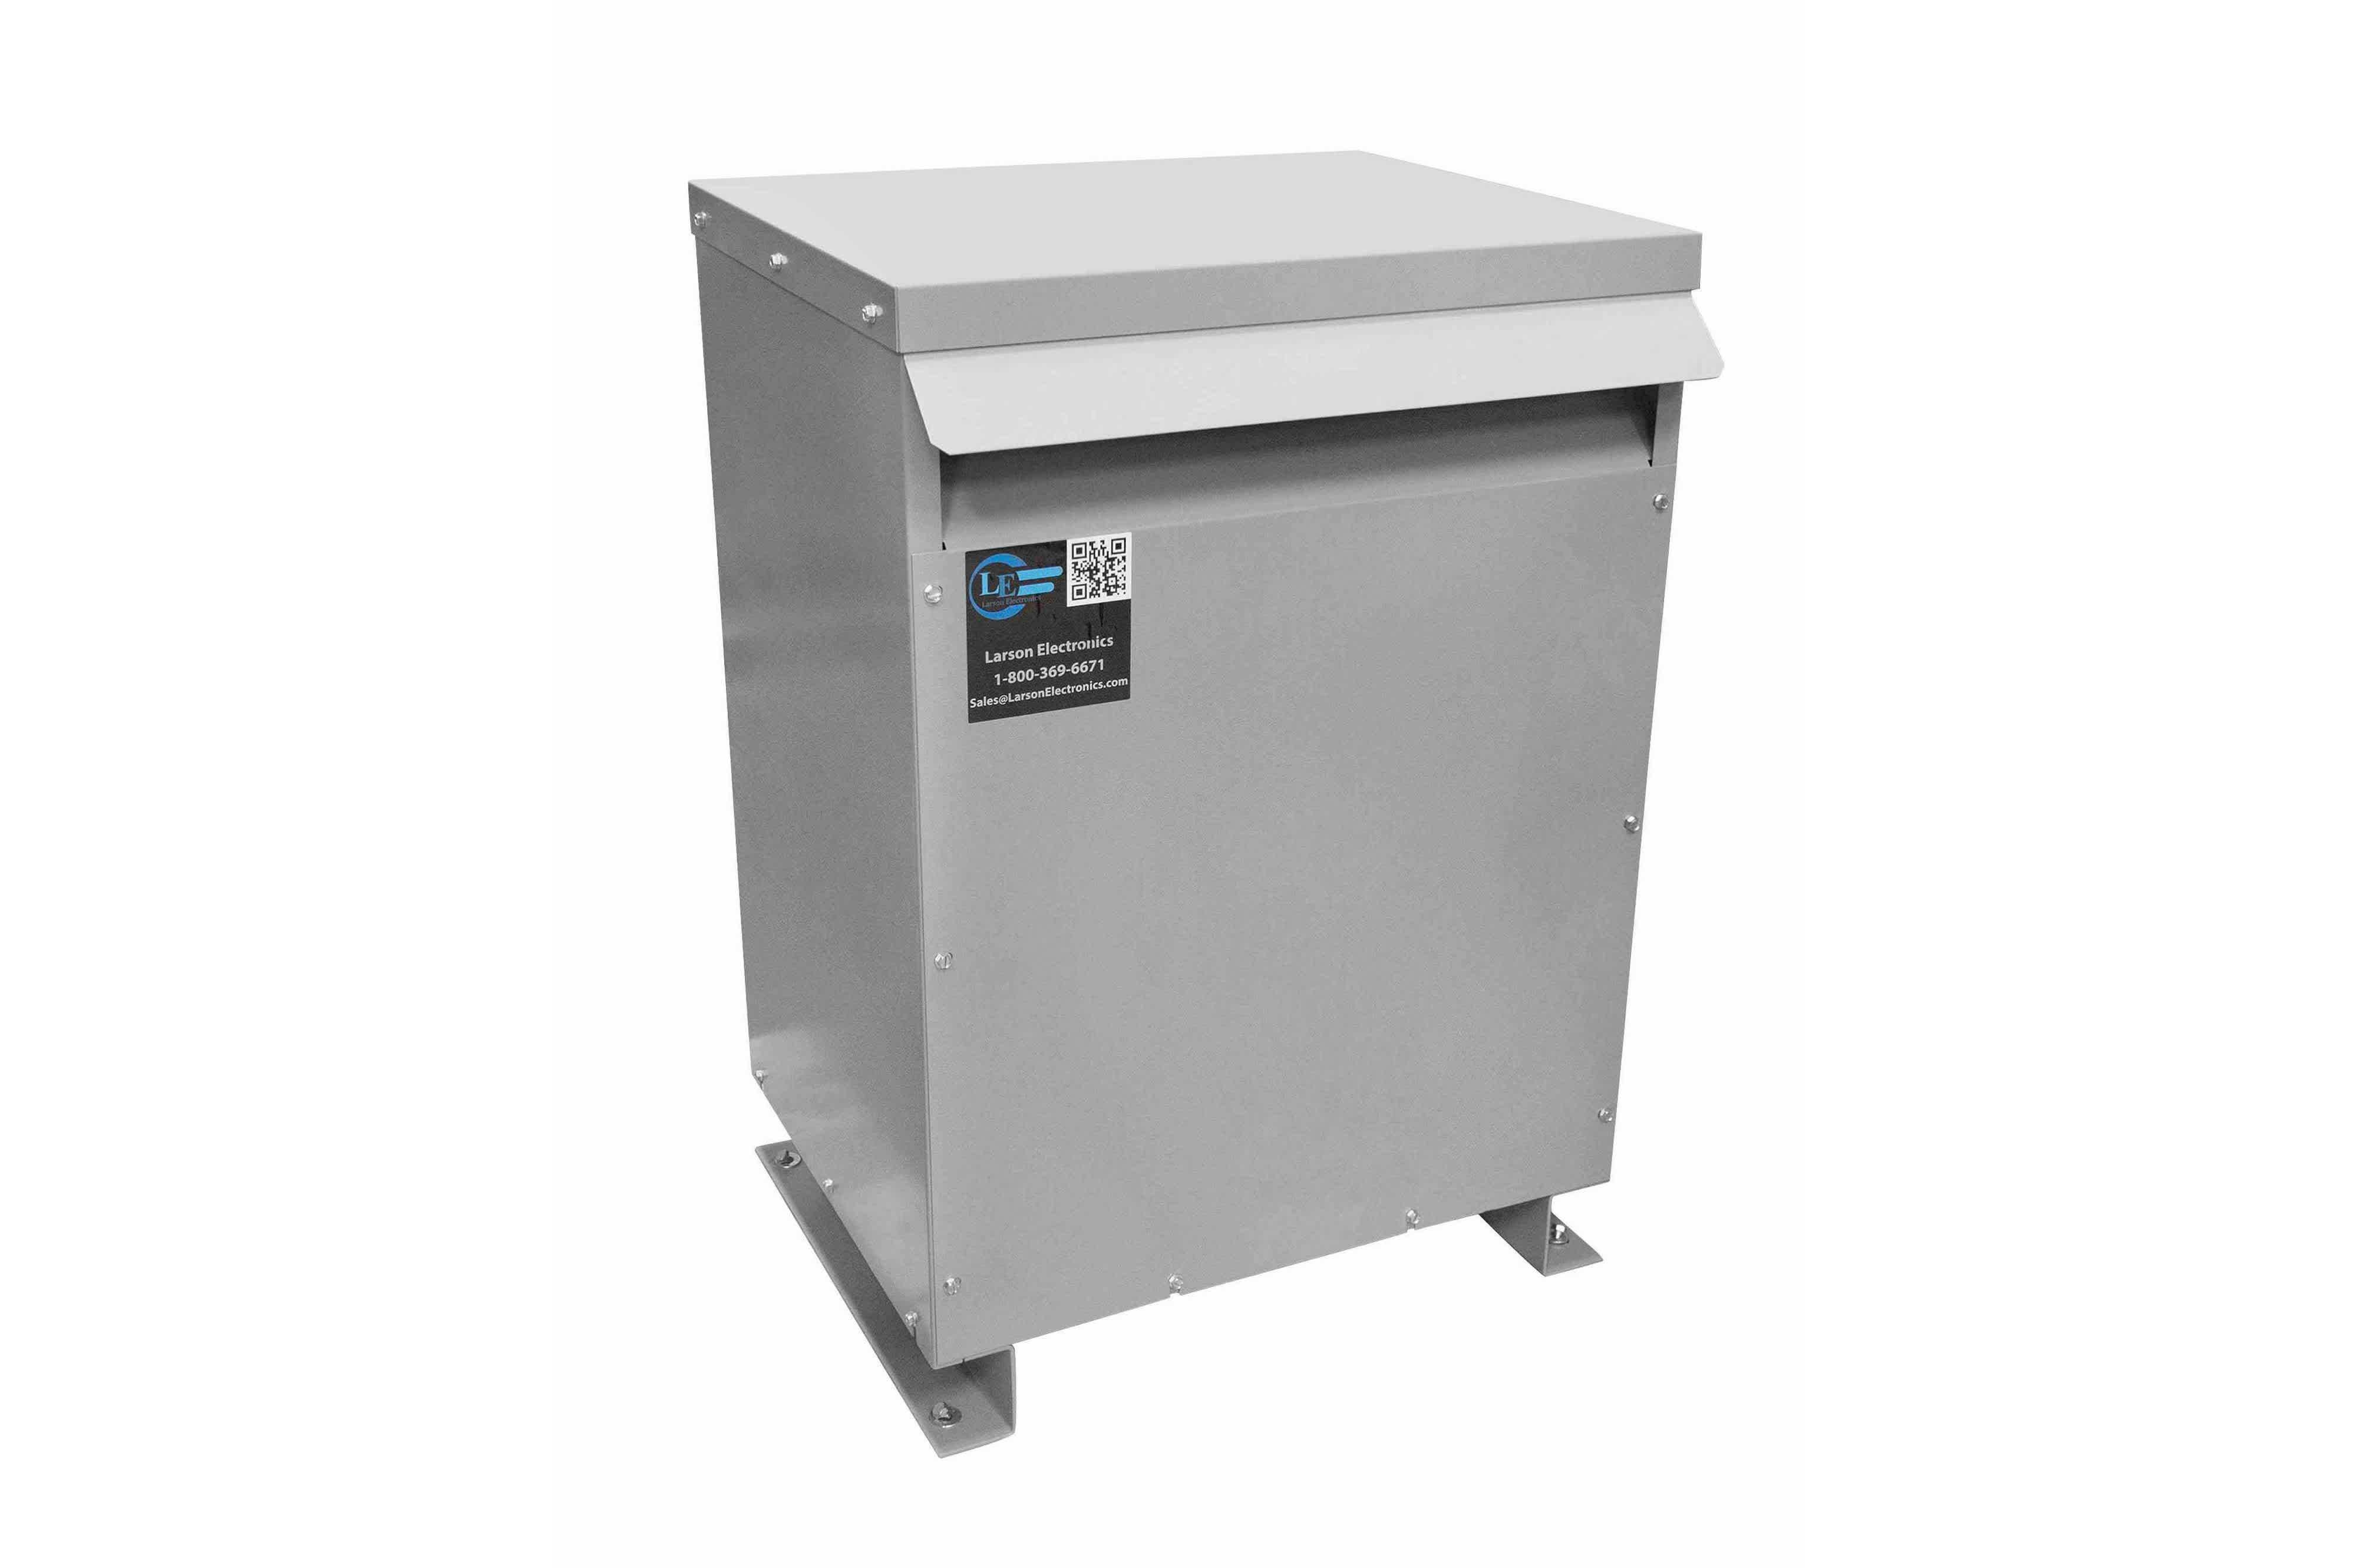 600 kVA 3PH Isolation Transformer, 240V Delta Primary, 380V Delta Secondary, N3R, Ventilated, 60 Hz